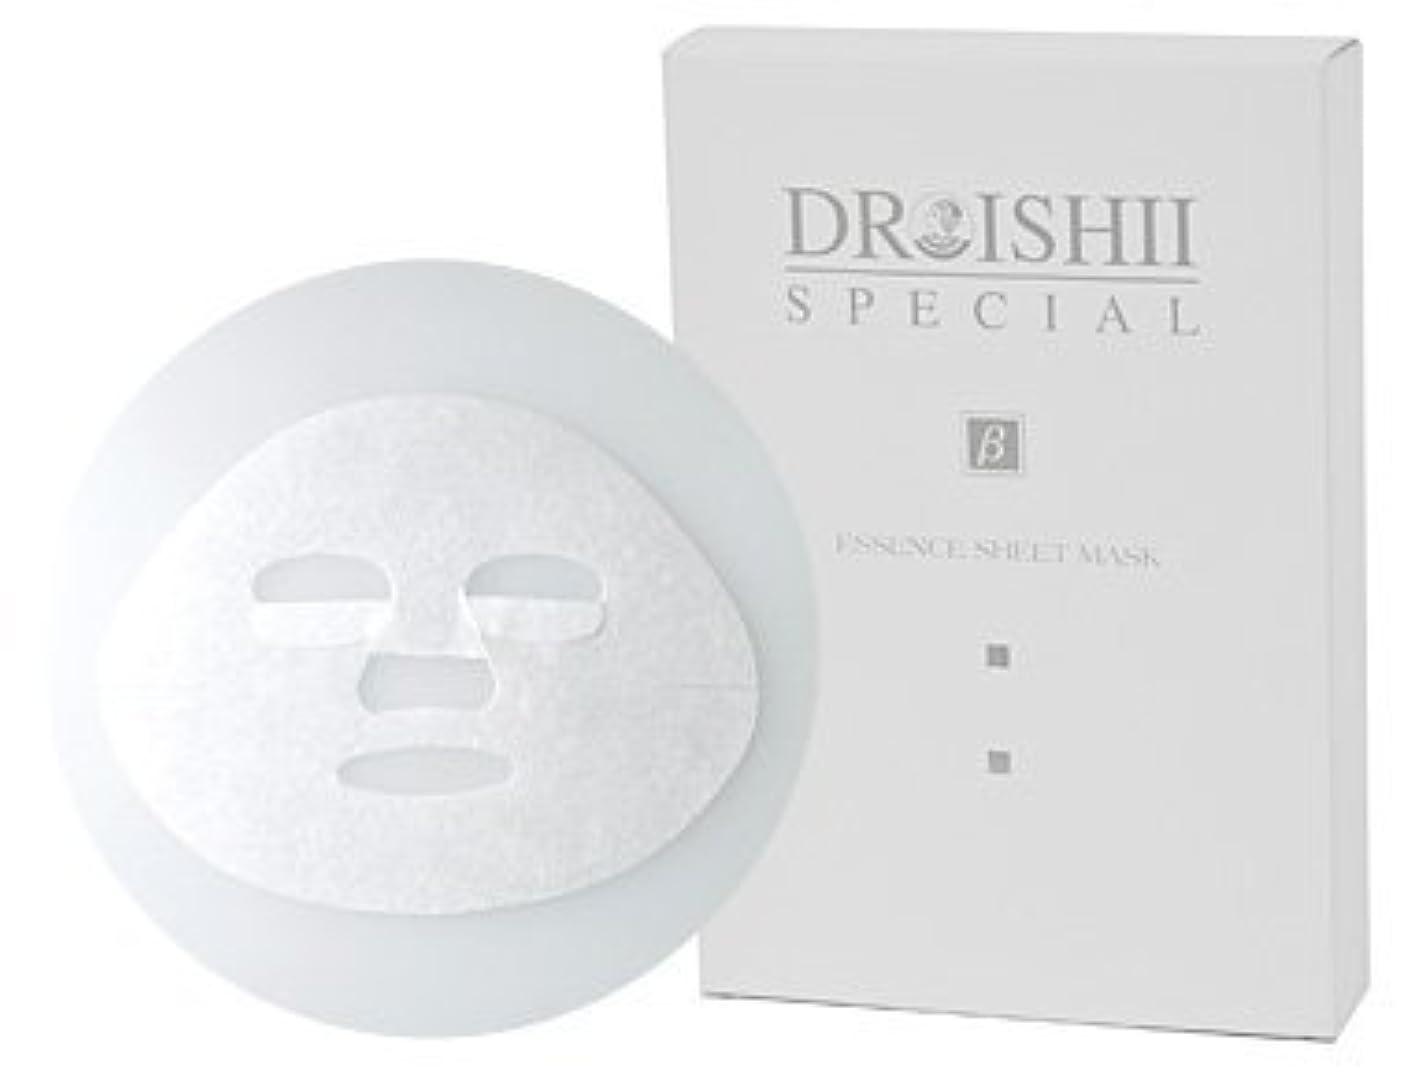 死ぬタブレットバンクMD化粧品 DR ISHII スペシャルβ エッセンスシートマスク 6枚